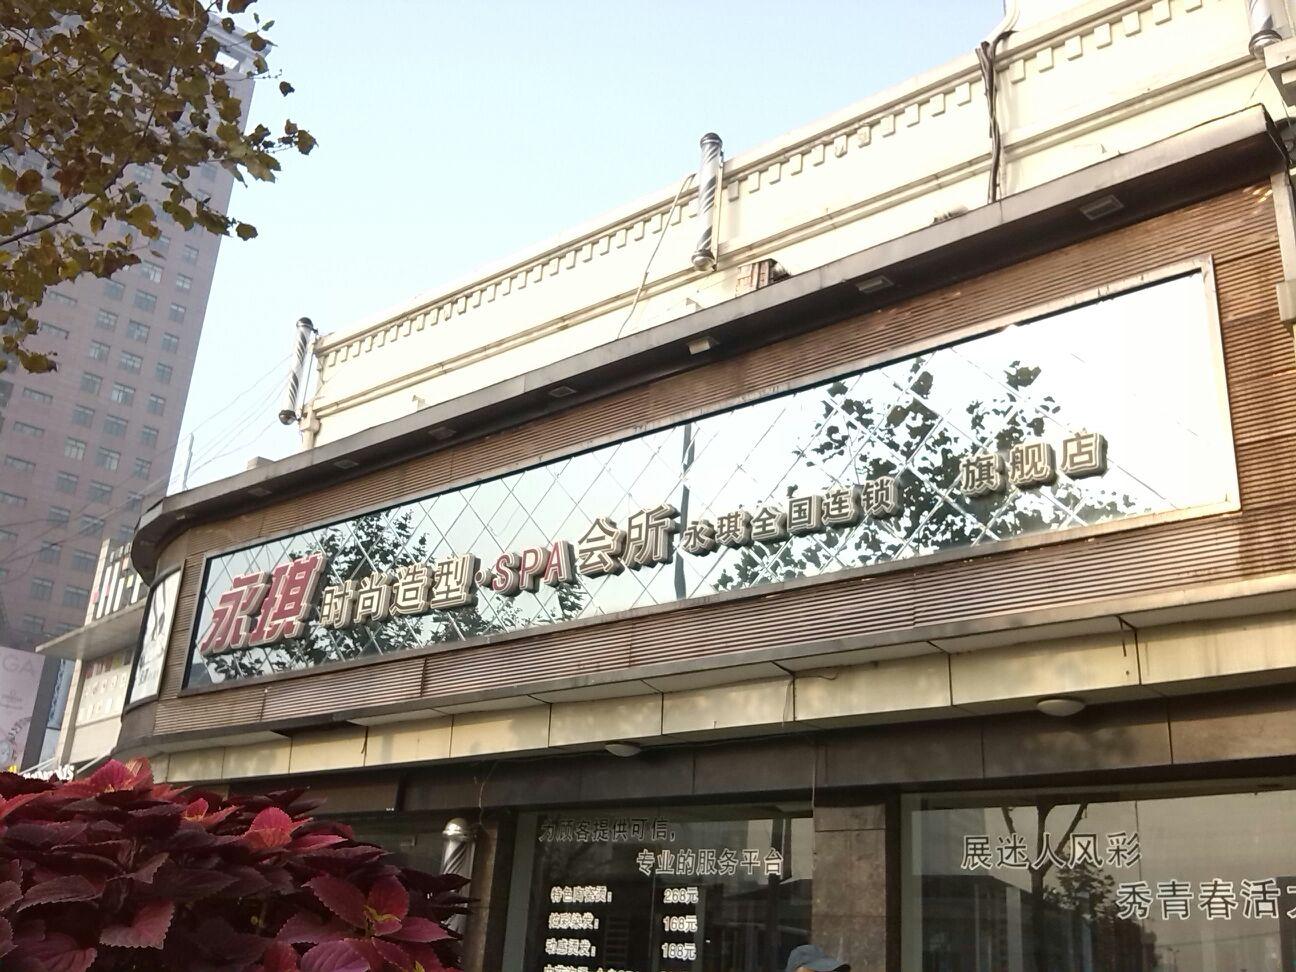 永琪美容美发(真光路店)_上海_百度地图图片